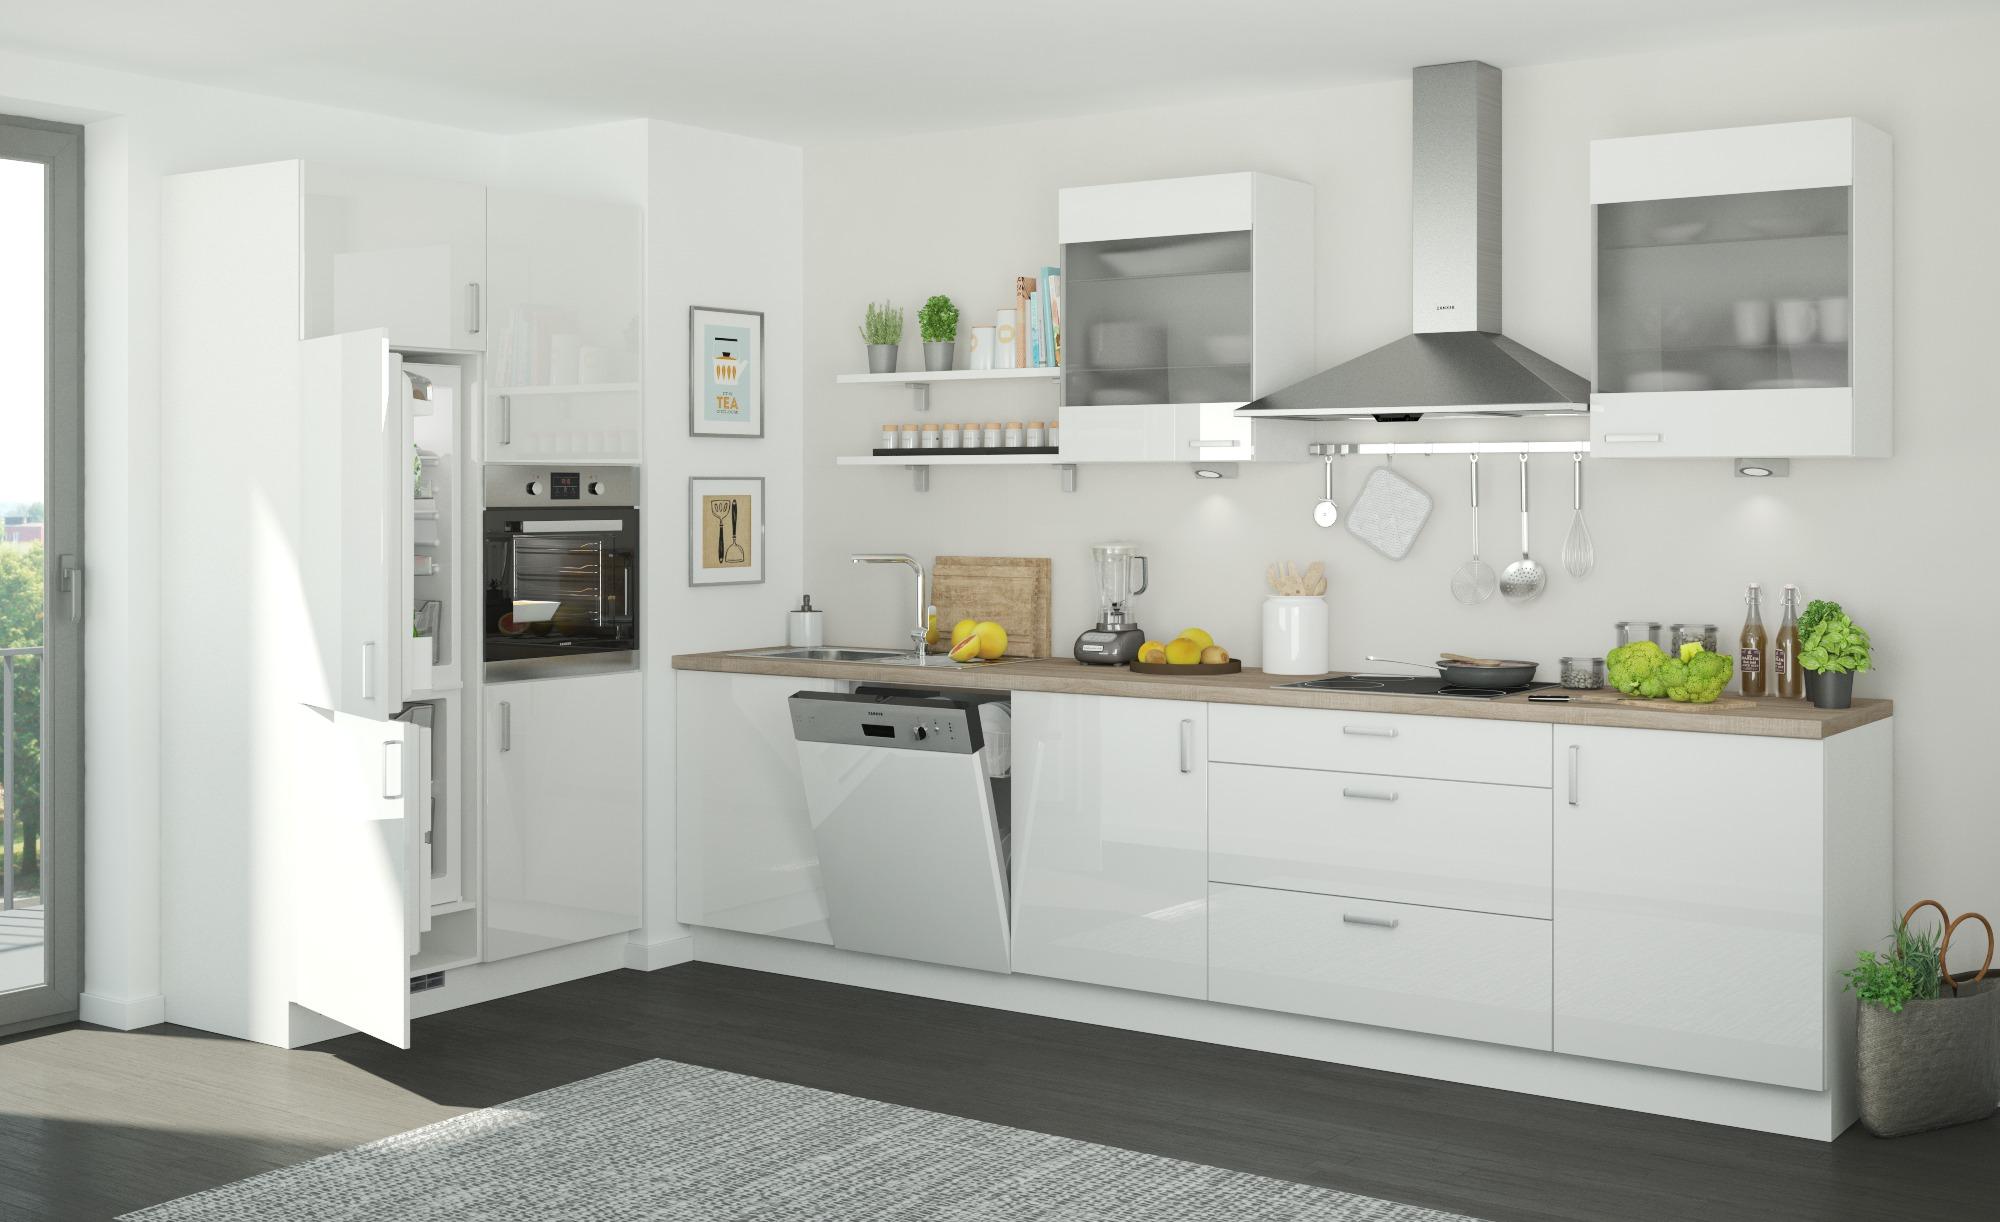 Küchenzeile ohne Elektrogeräte Frankfurt, gefunden bei Möbel ...